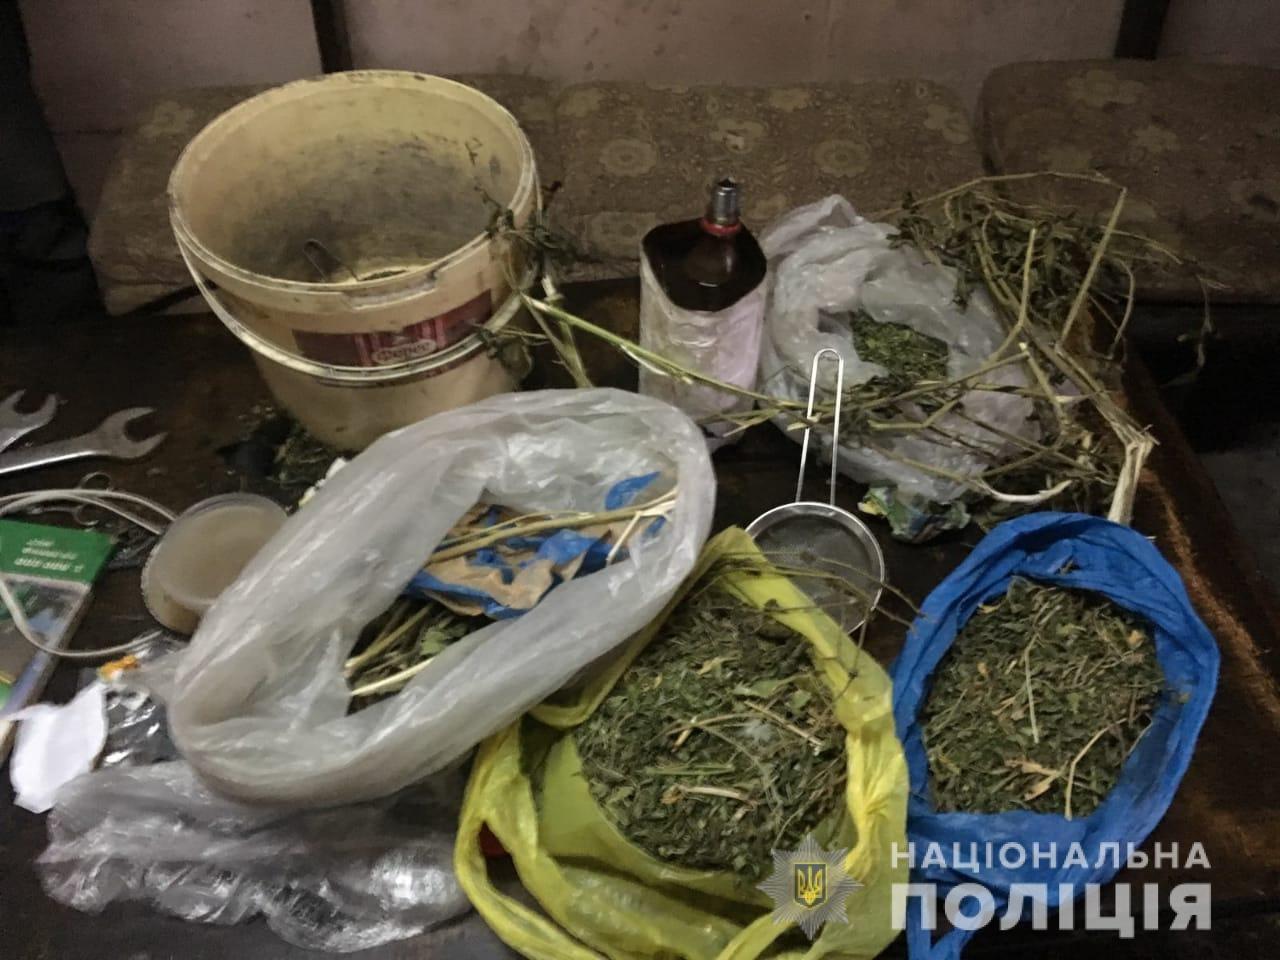 У жителей Днепропетровской области в домах нашли оружие и наркотики, фото-3